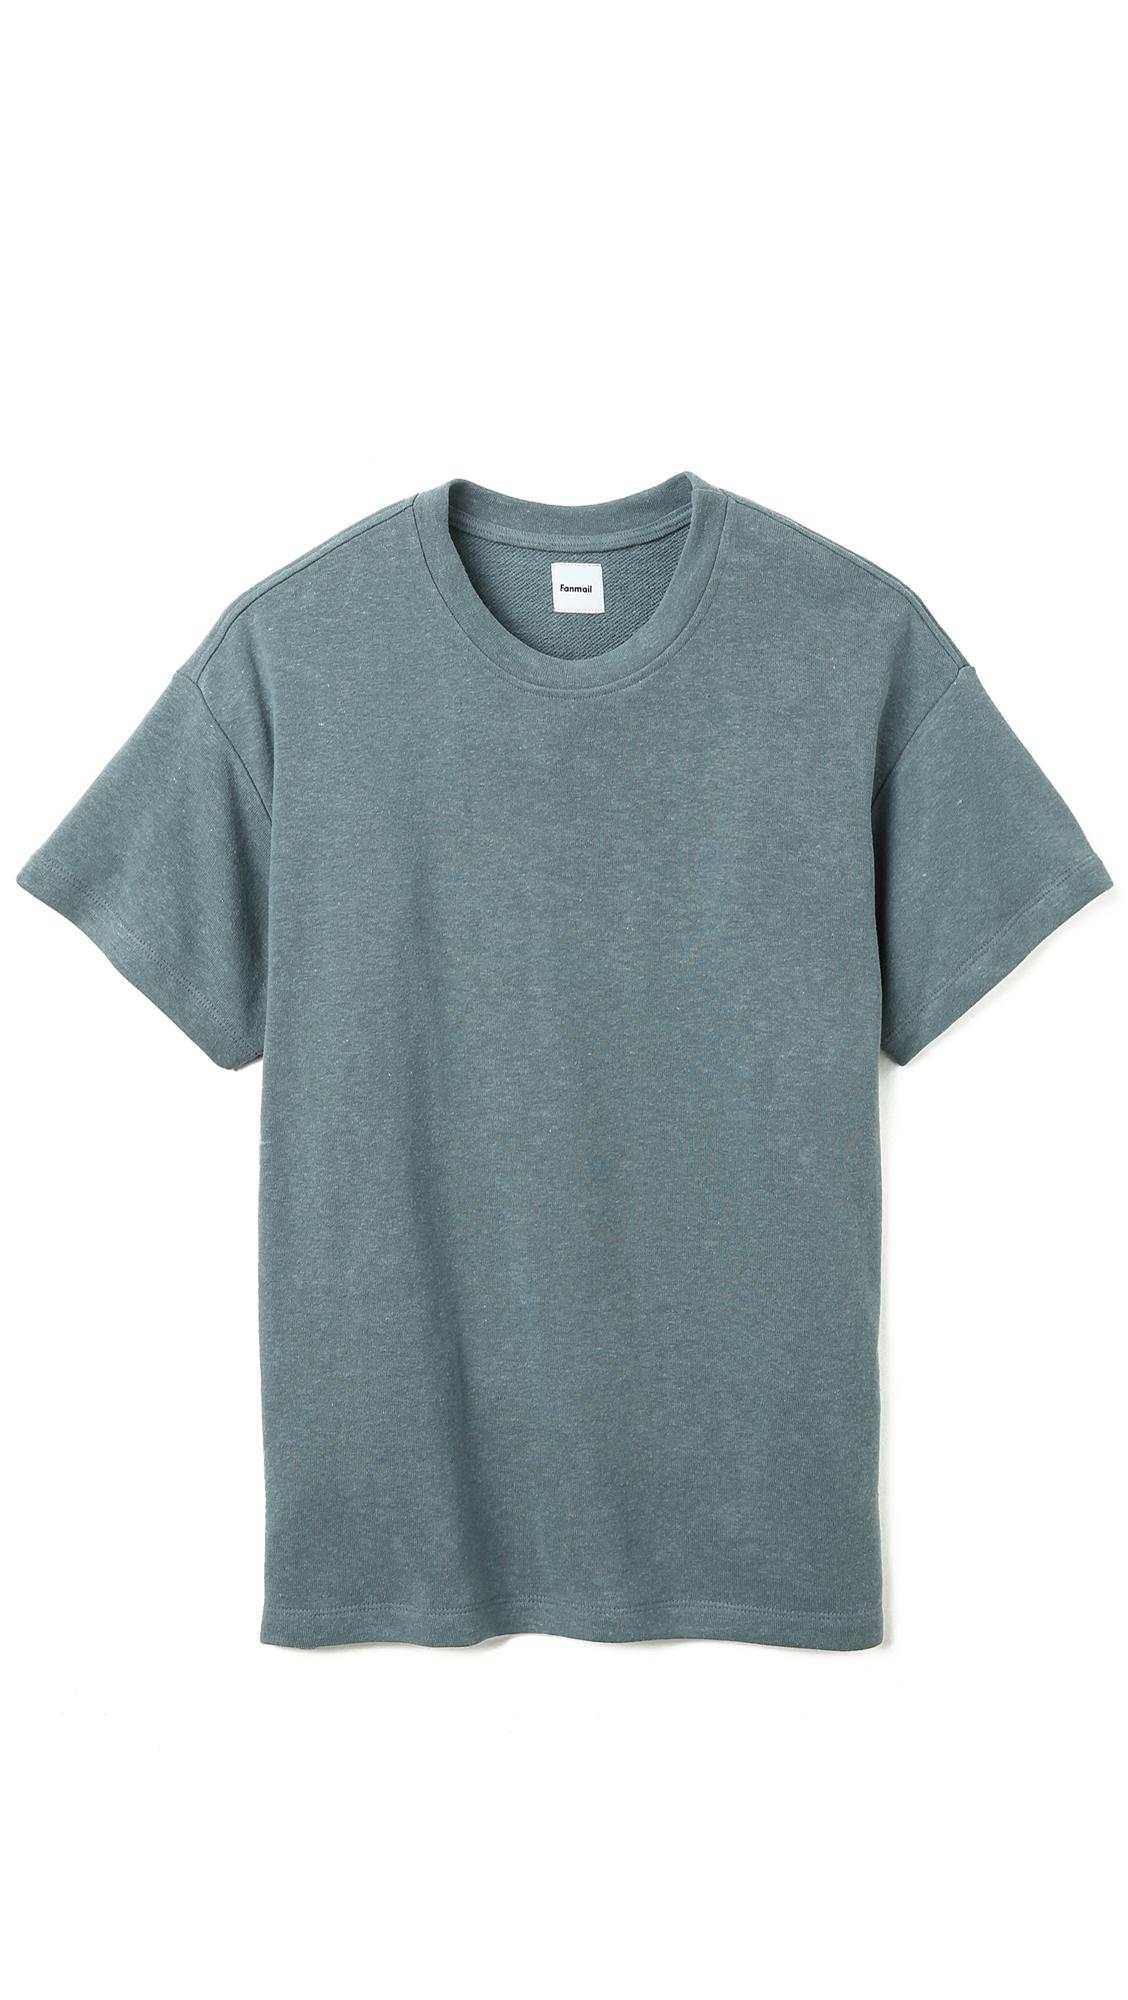 Lyst - Fanmail Short Sleeve Sweatshirt in Blue for Men